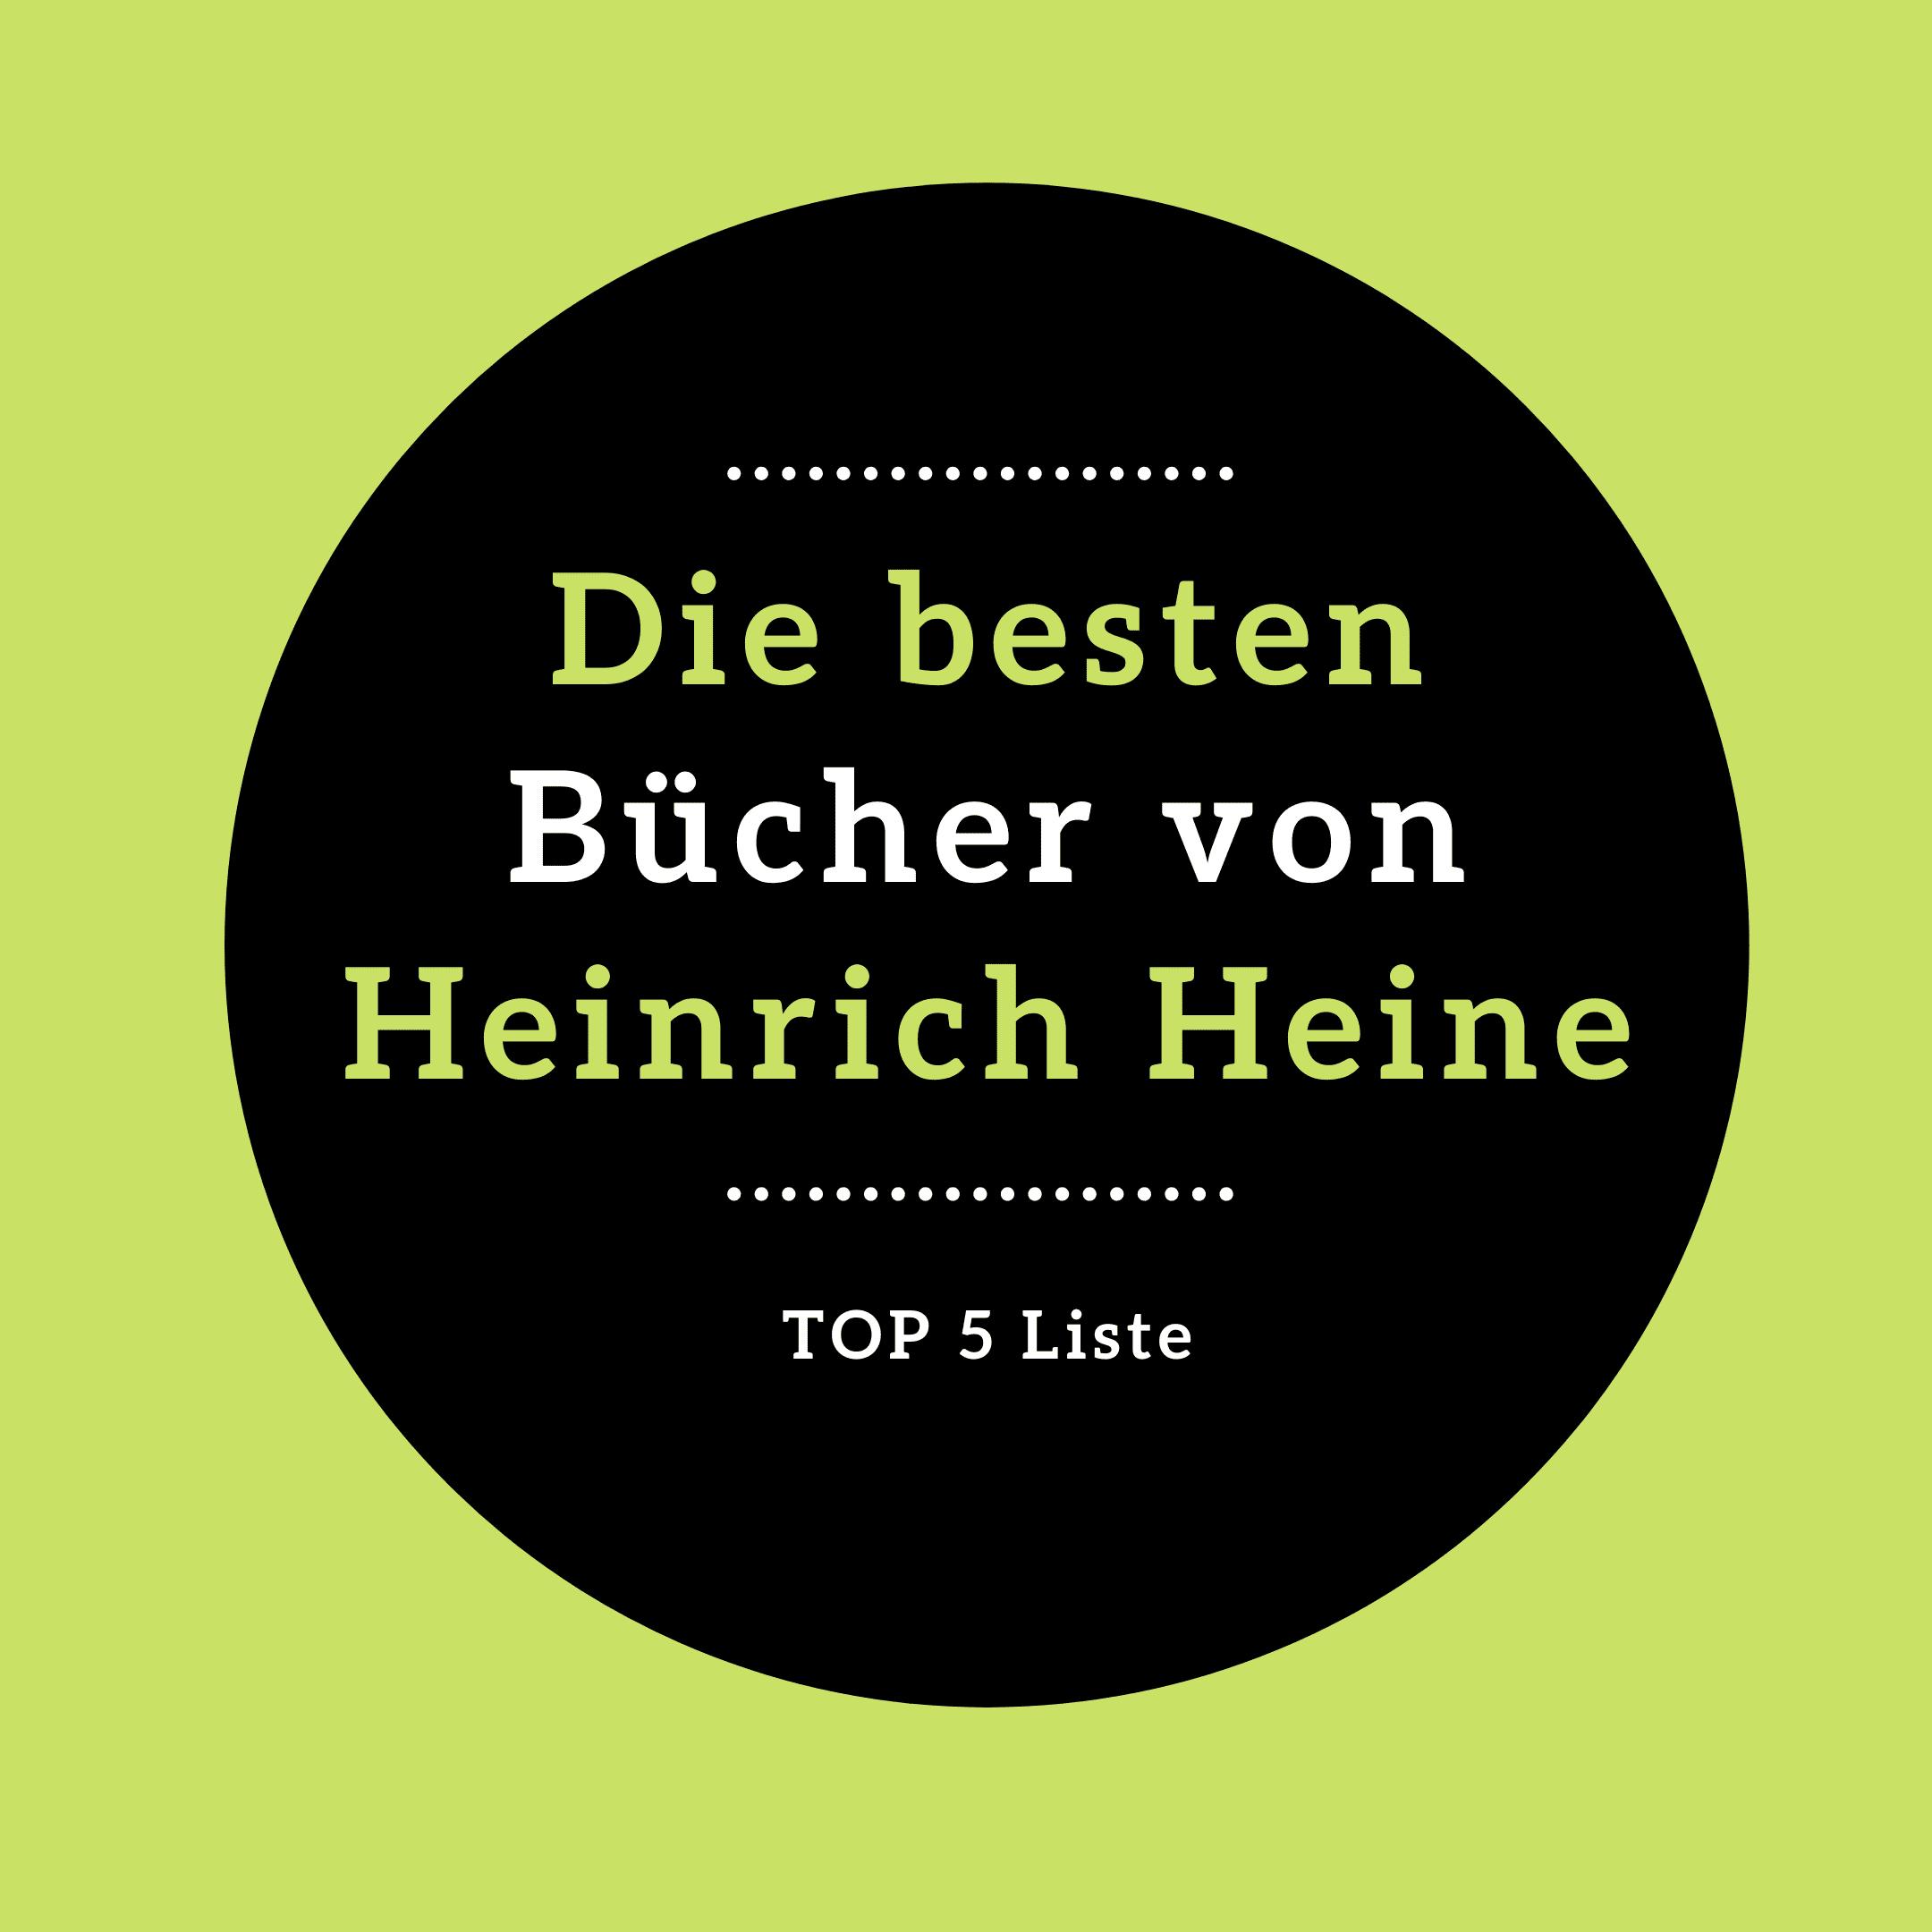 Die besten Bücher von Heinrich Heine LIWI Verlag